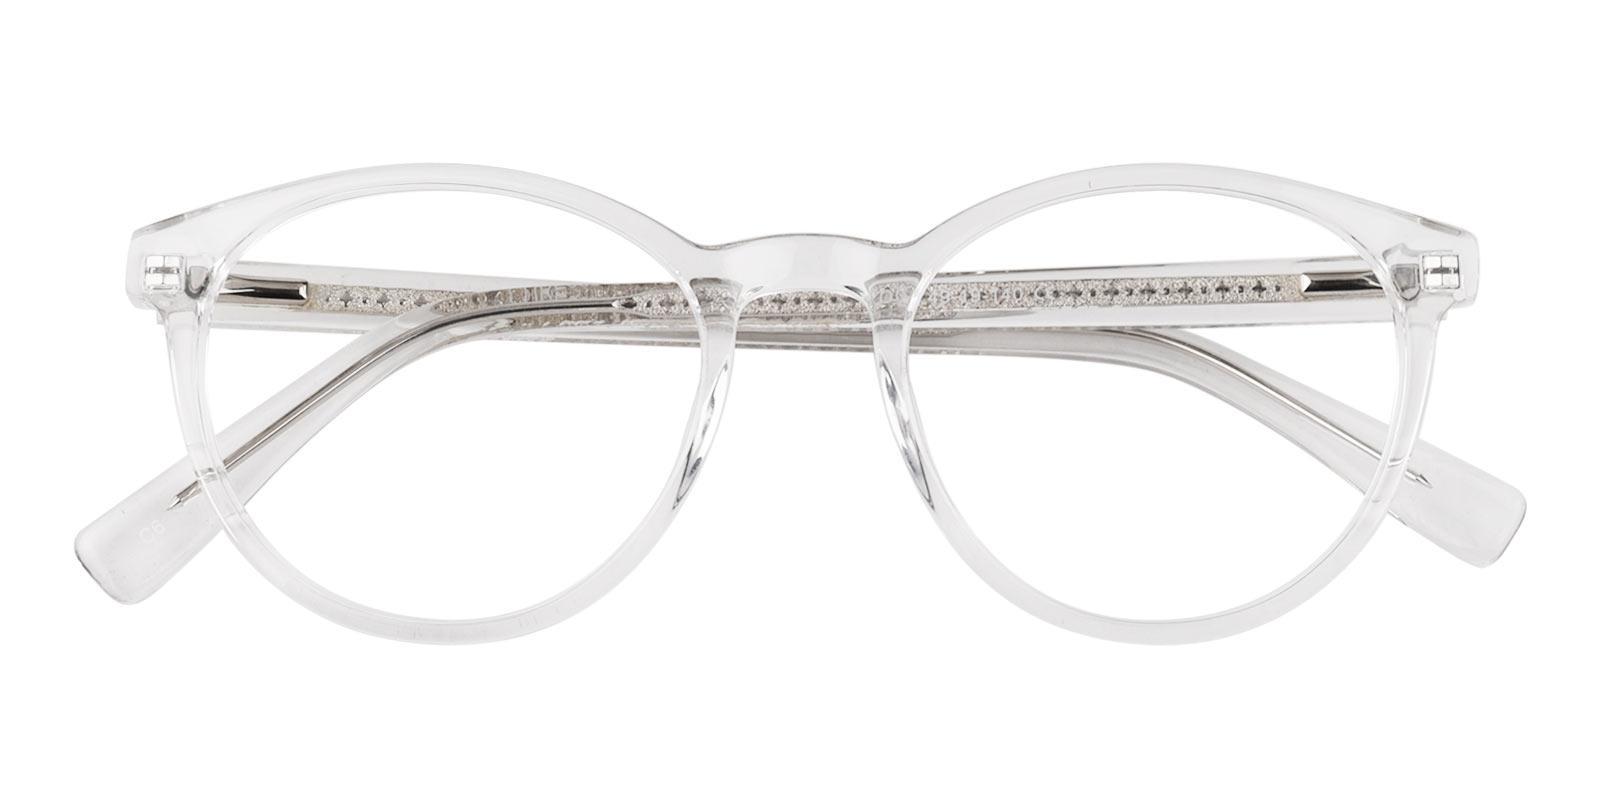 Cupid-Translucent-Round-Acetate-Eyeglasses-detail